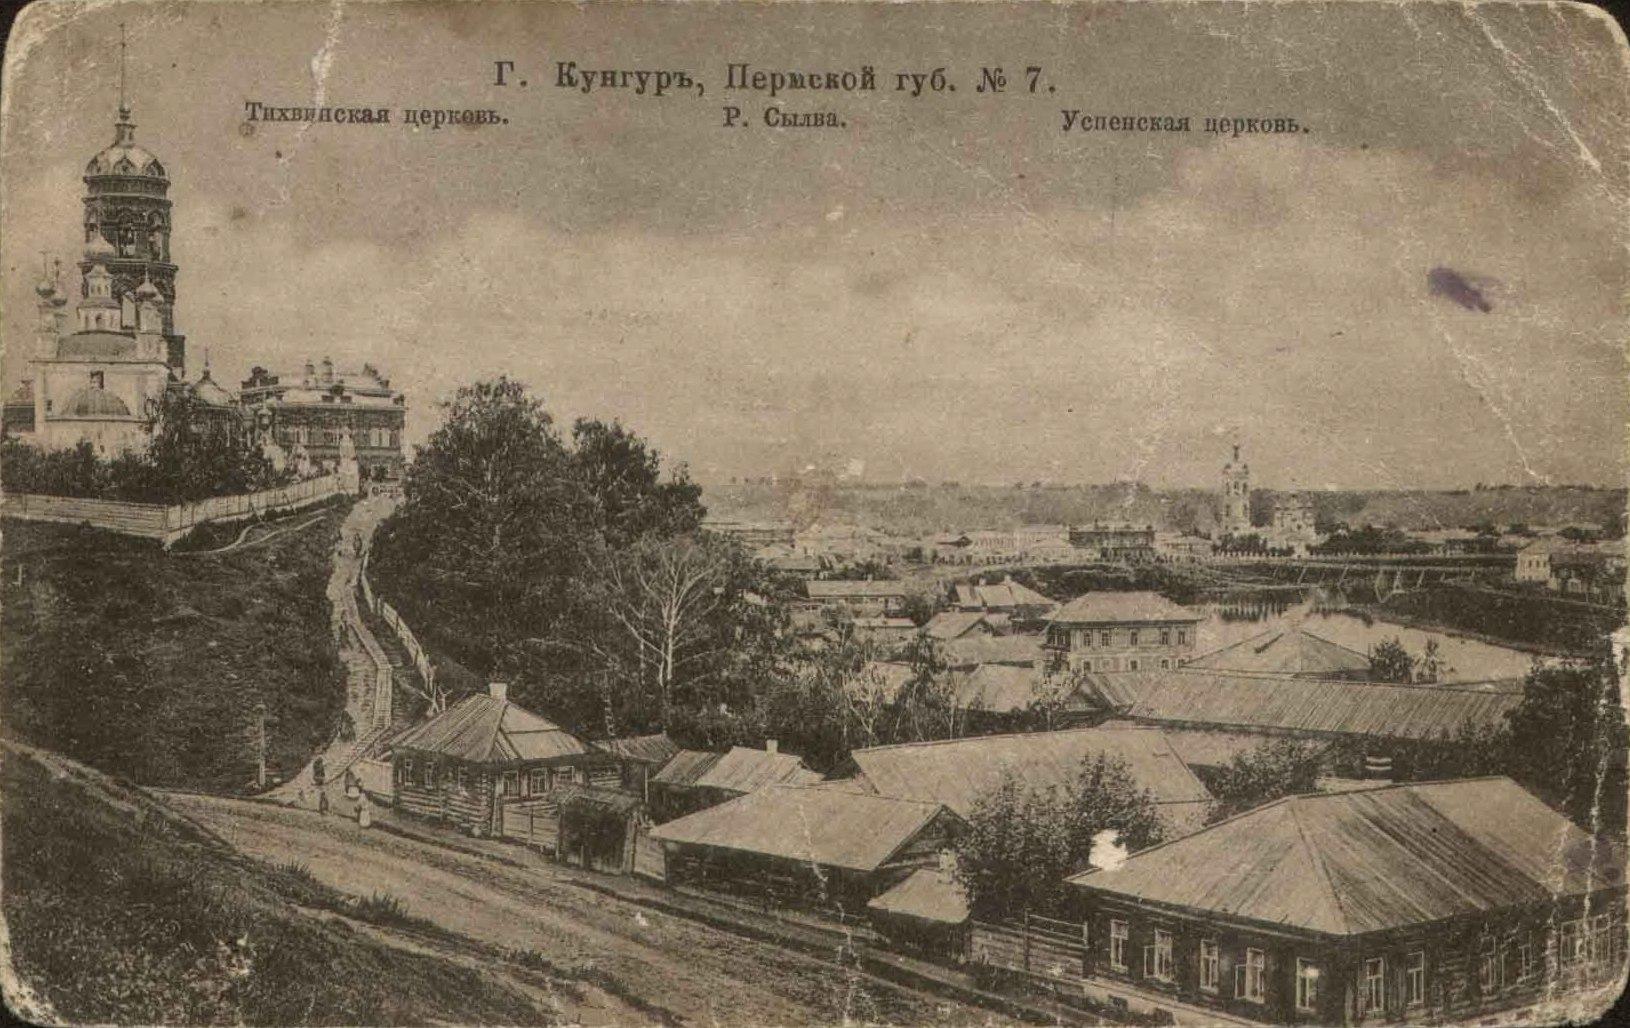 Тихвинская церковь, река Сылва, Успенская церковь